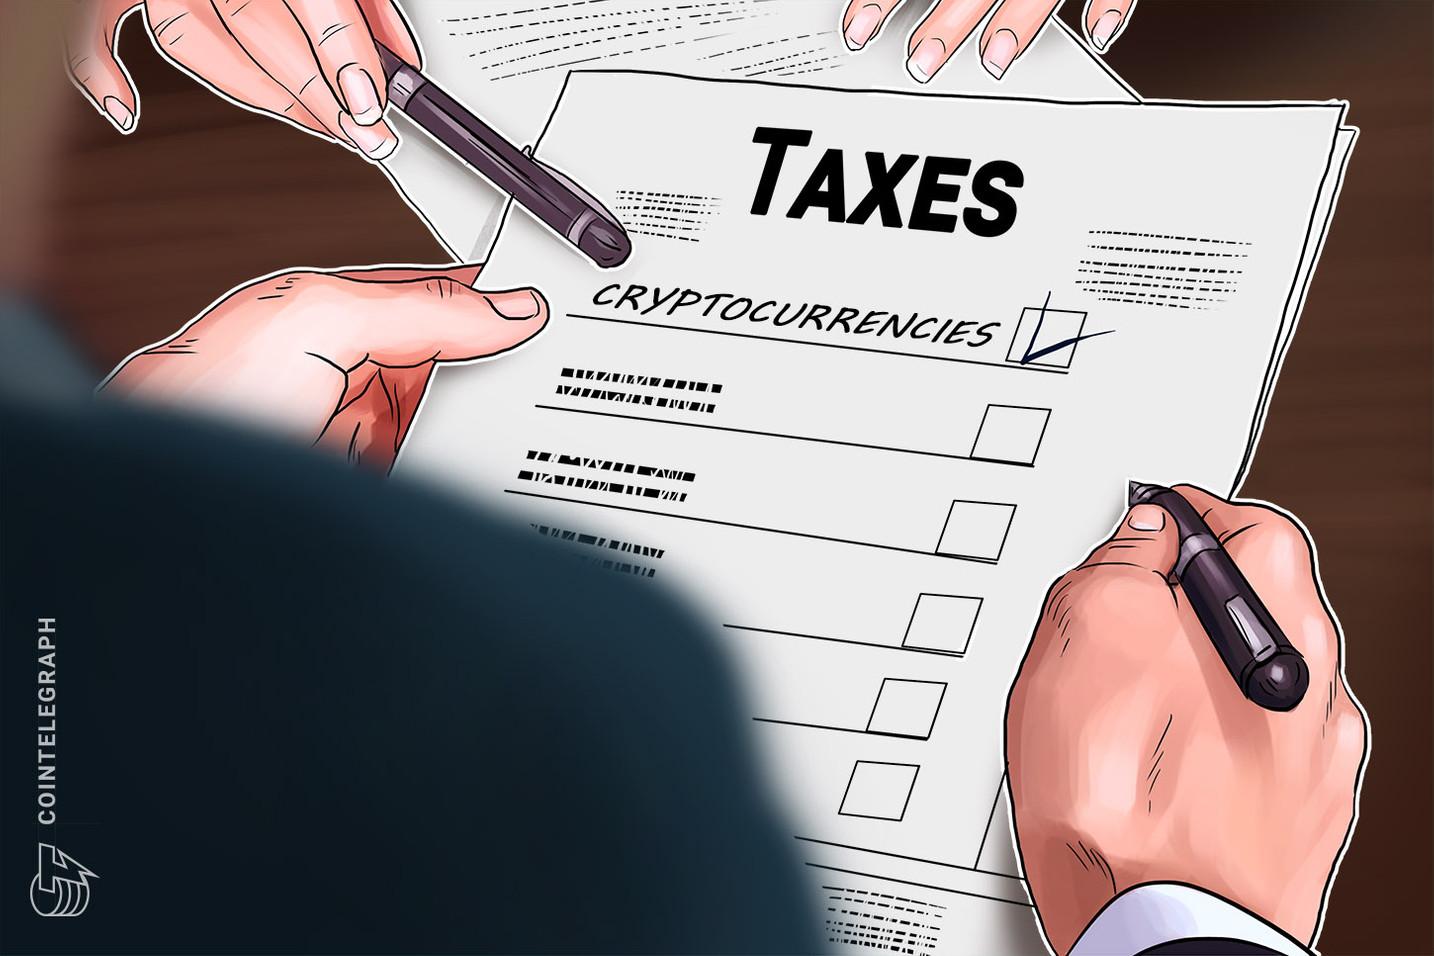 Gobierno español aprueba proyecto de ley que obliga a criptoinversores a revelar sus tenencias